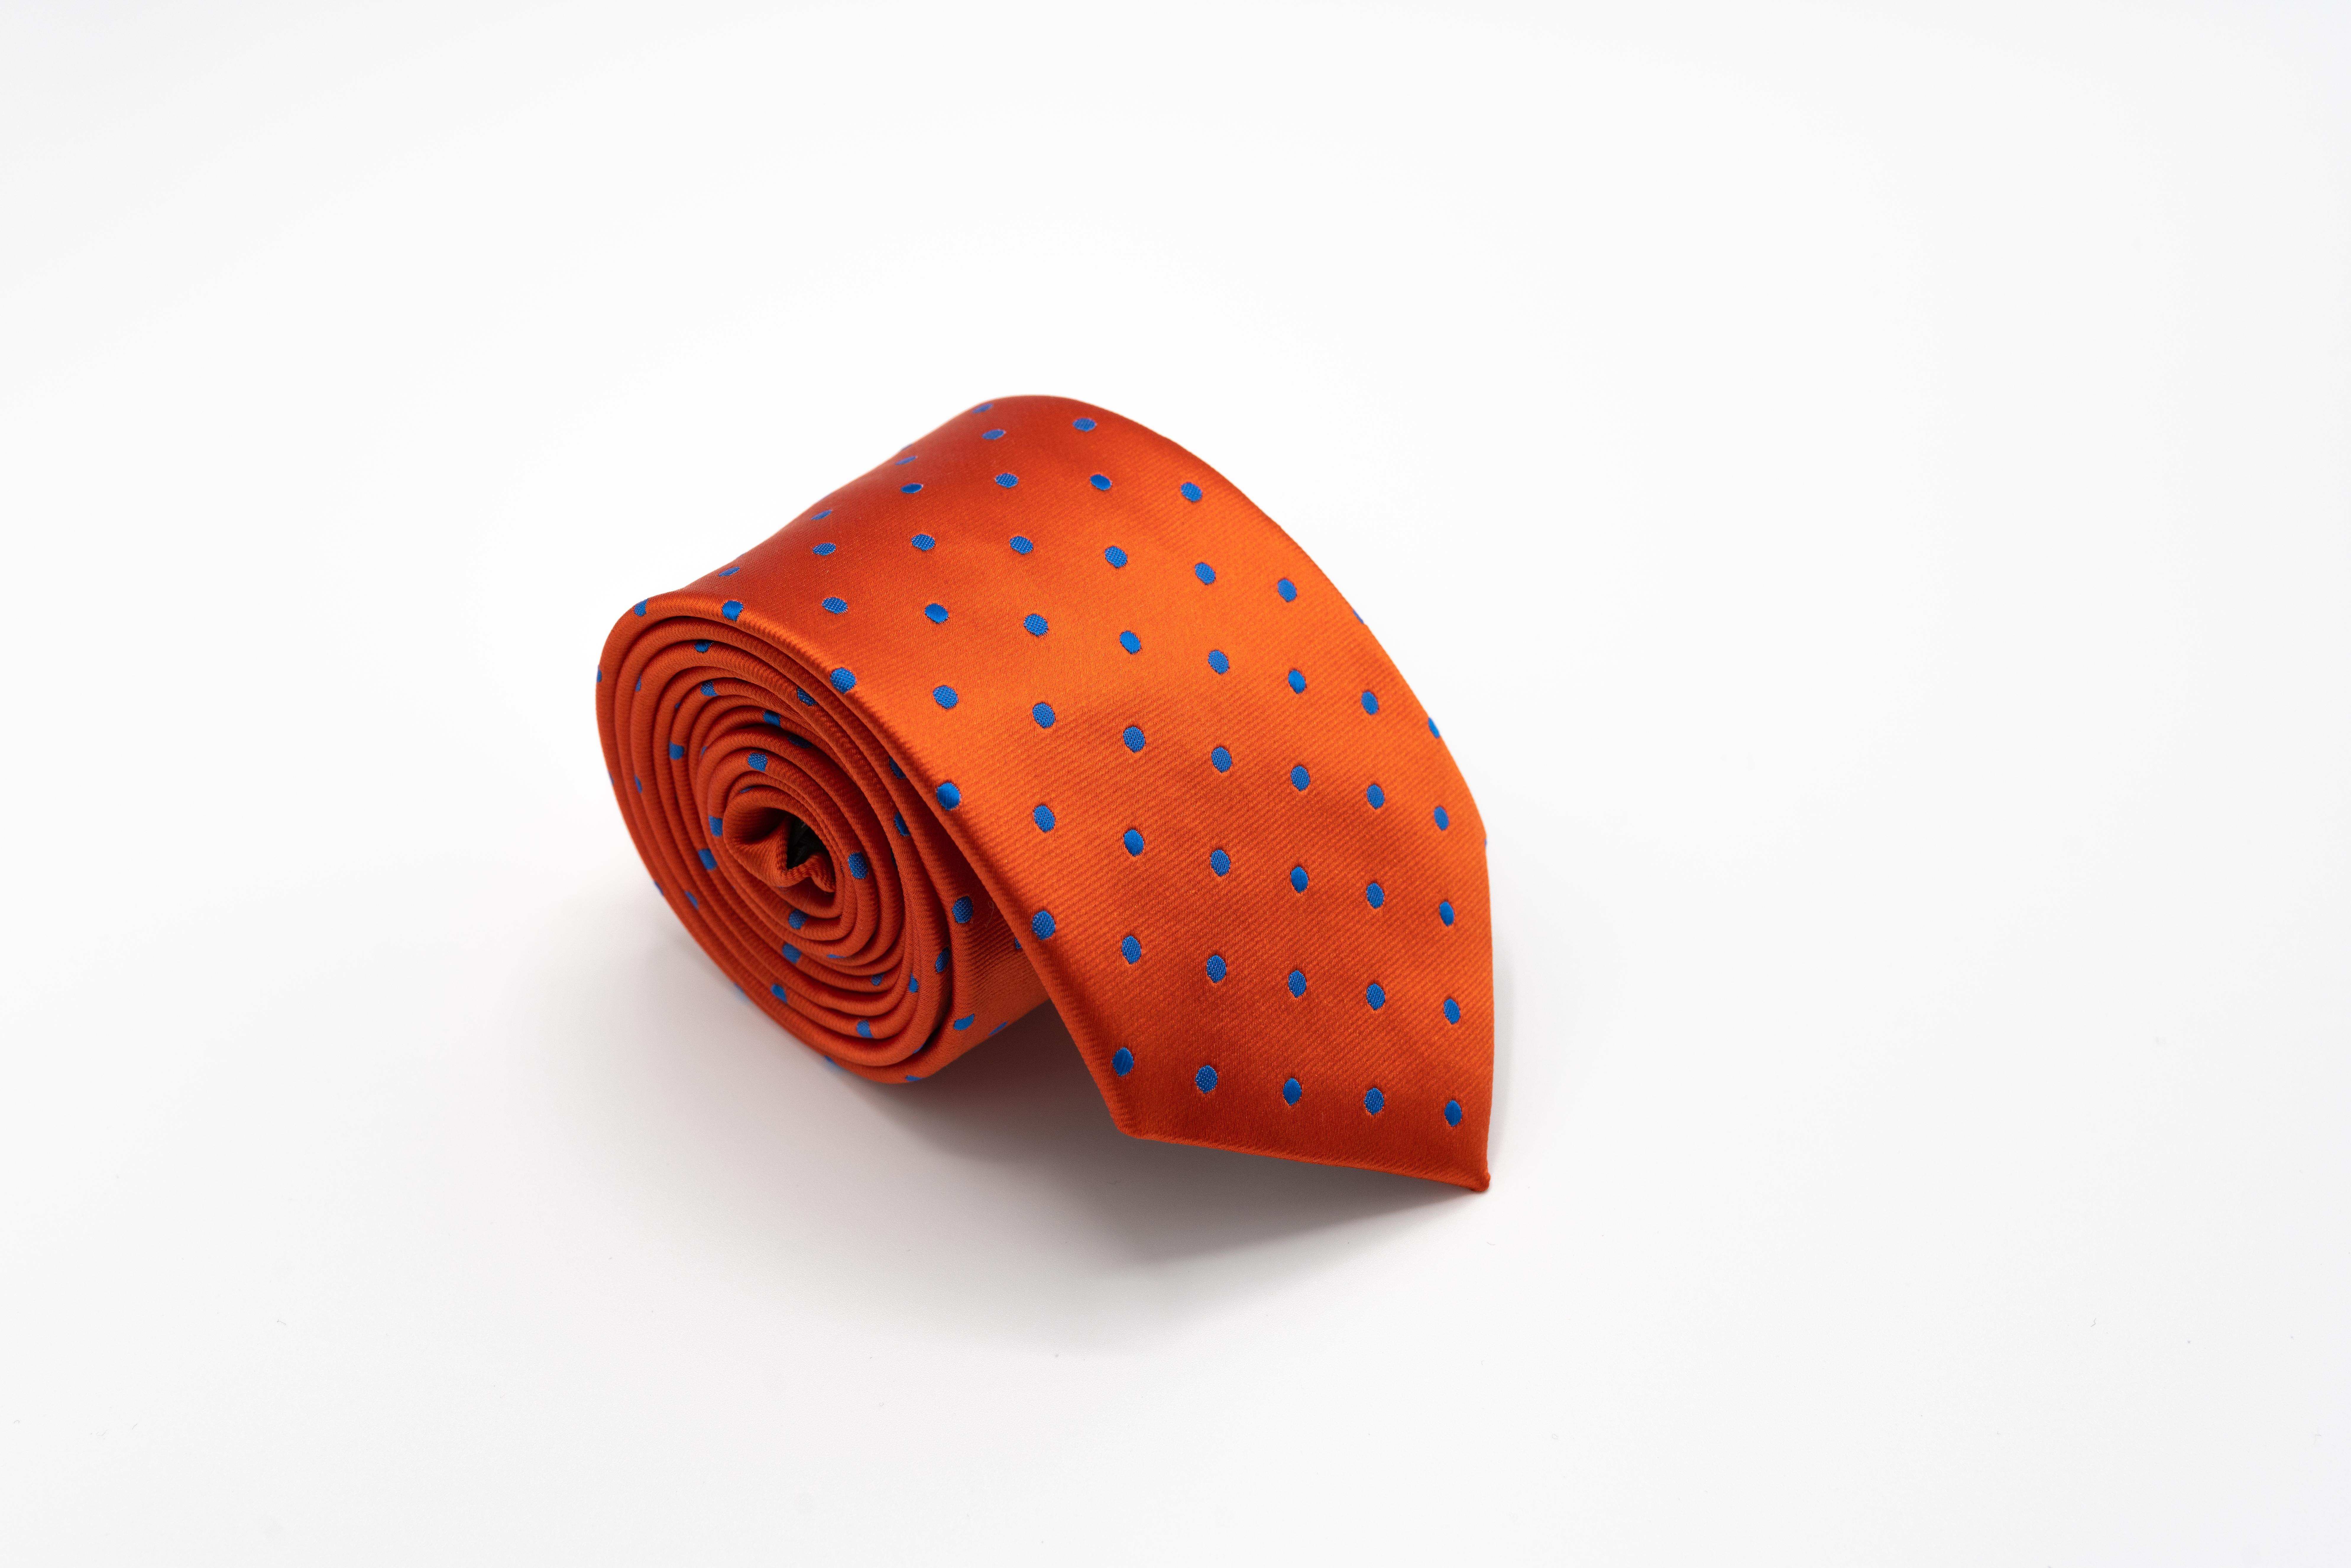 Cravata-Barbati-Orange-Cu-Buline-Albastre-Gentlemens-Boutique-